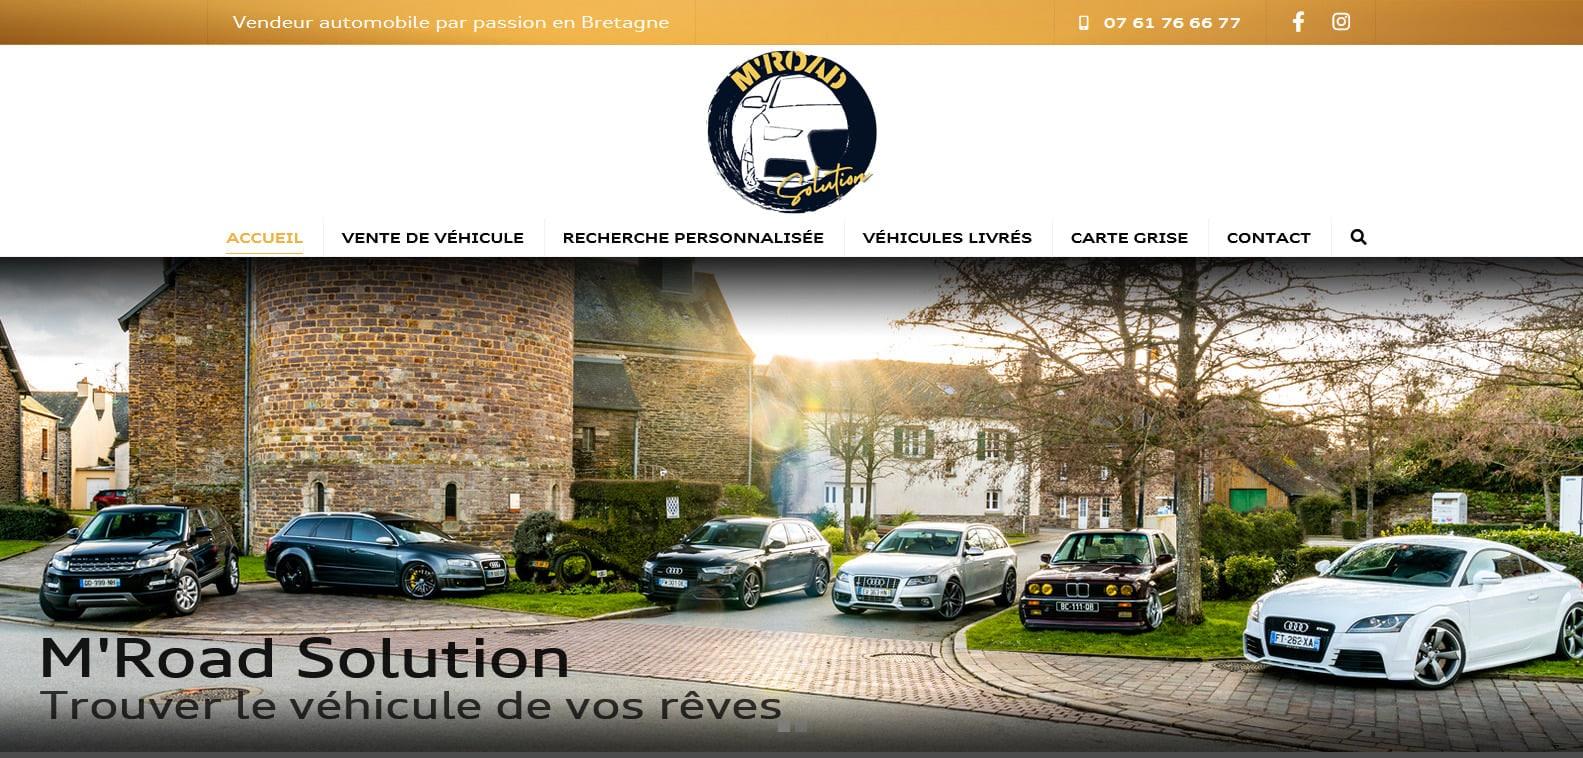 site d'annonces automobiles